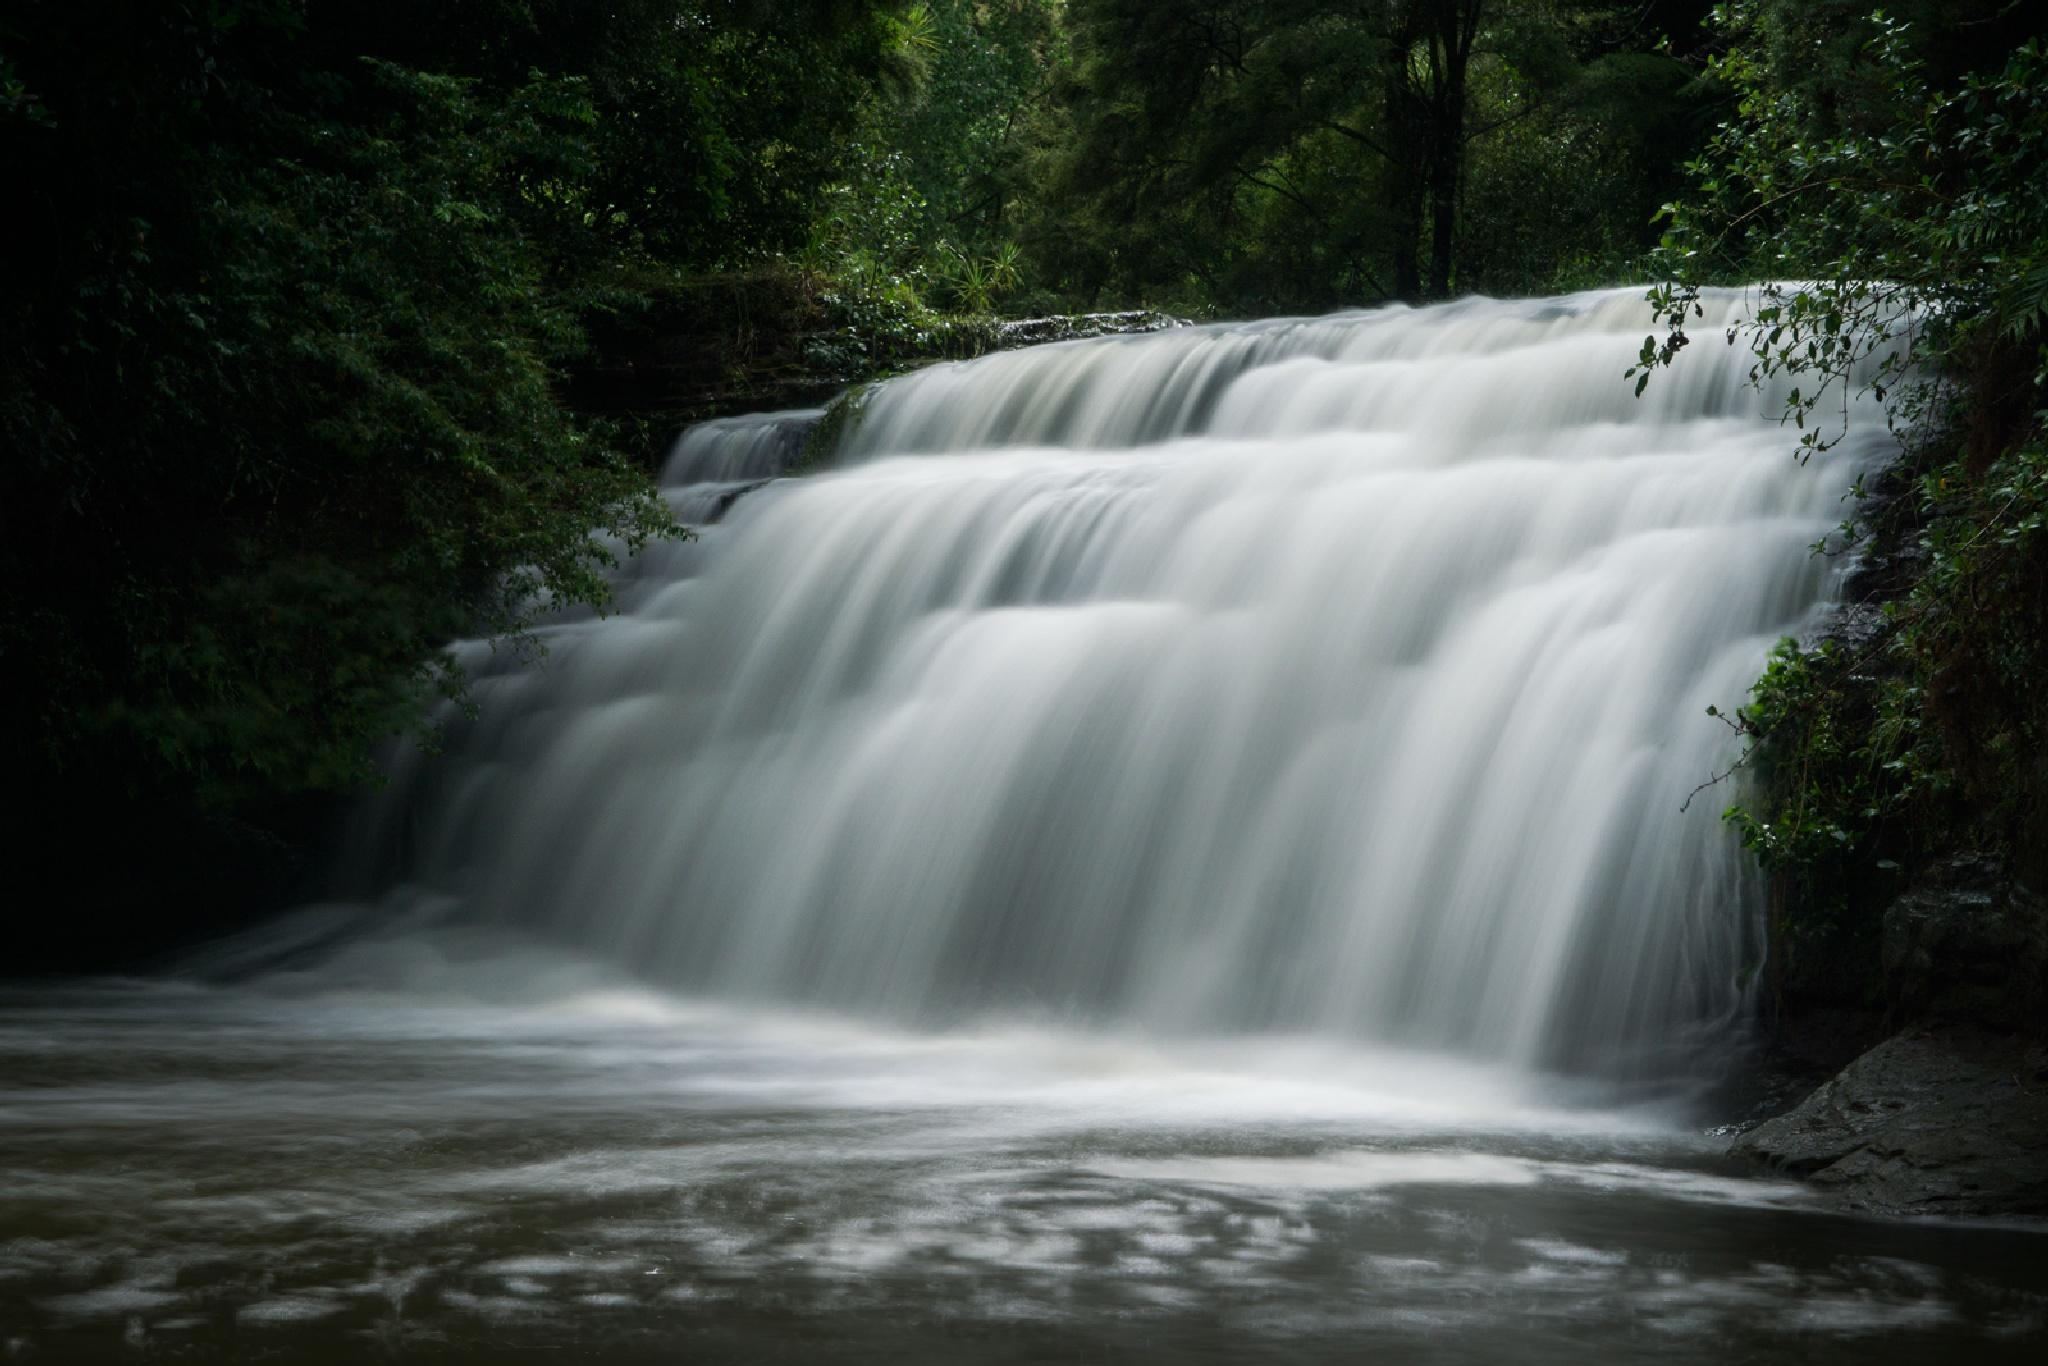 Lucas Creek Waterfall by Graham Averell